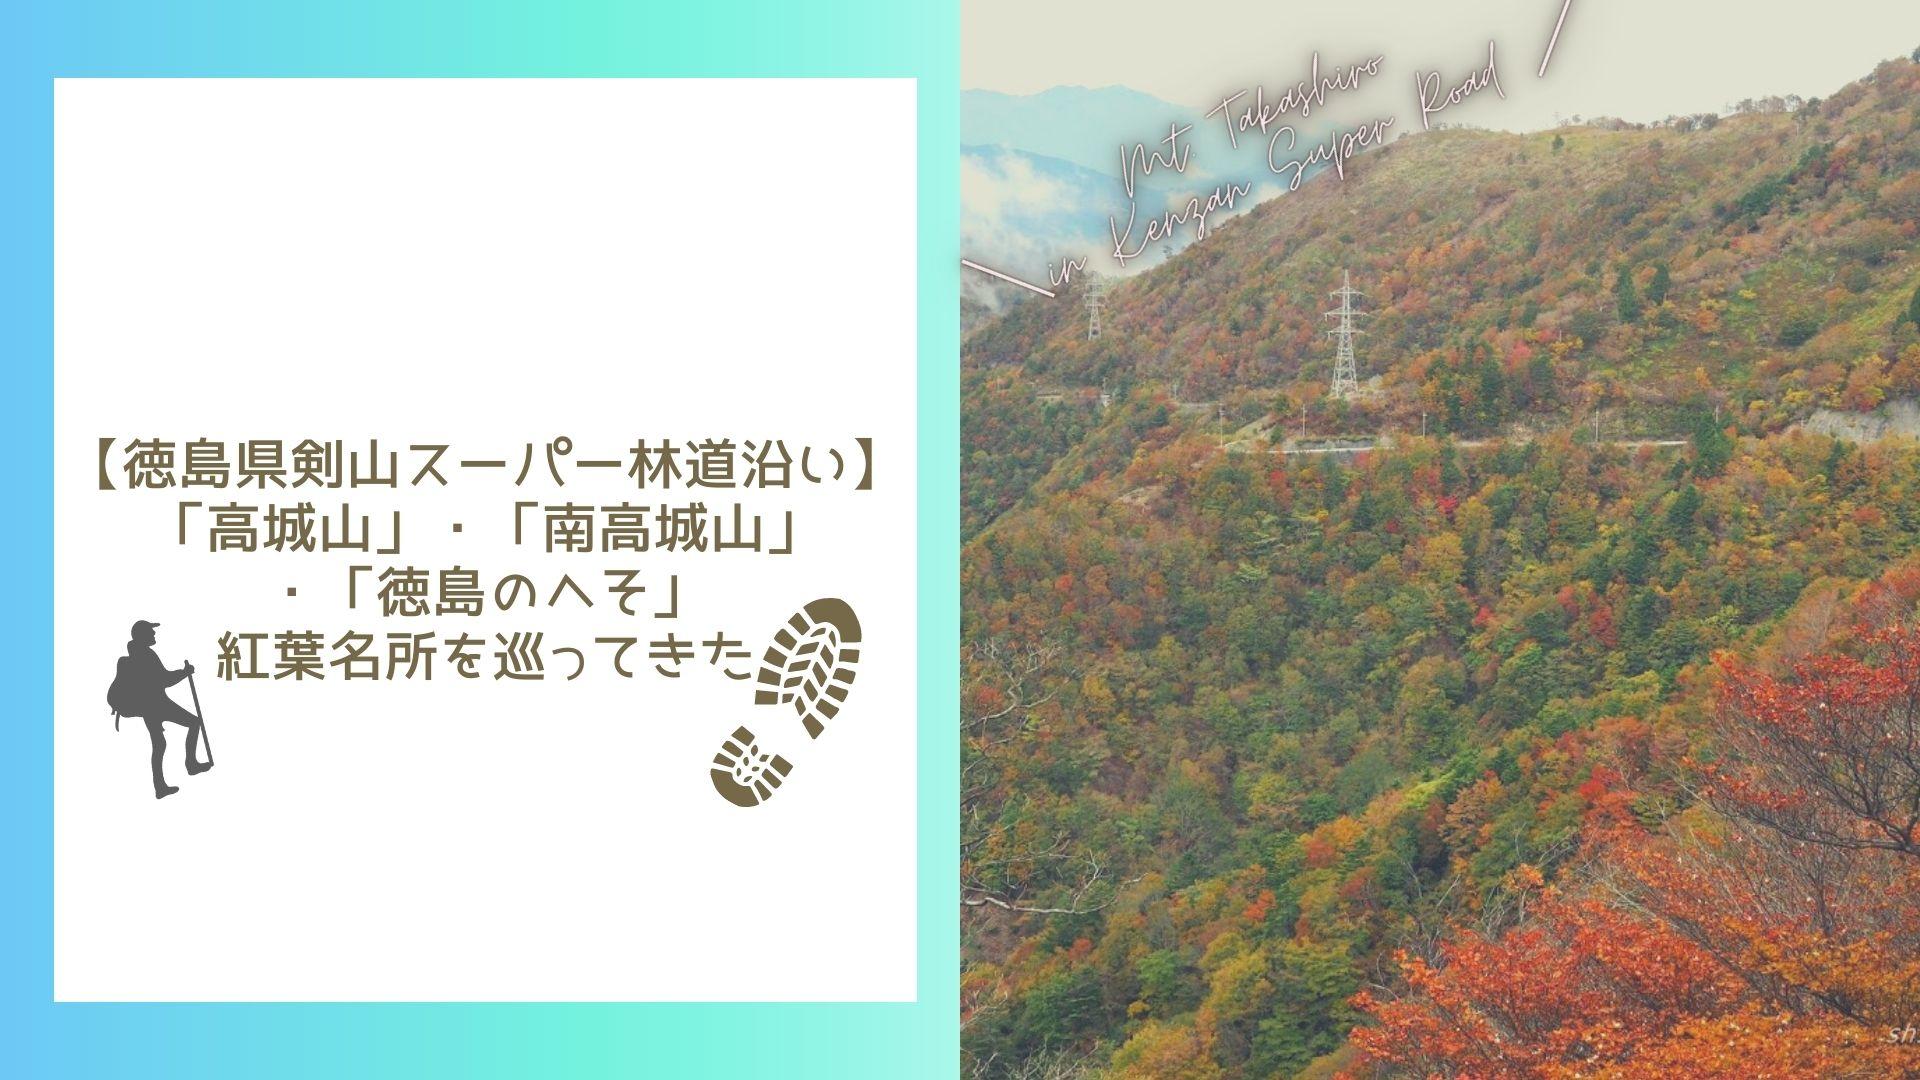 【徳島県剣山スーパー林道沿い】「高城山」・「南高城山」・「徳島のへそ」紅葉名所を巡ってきた